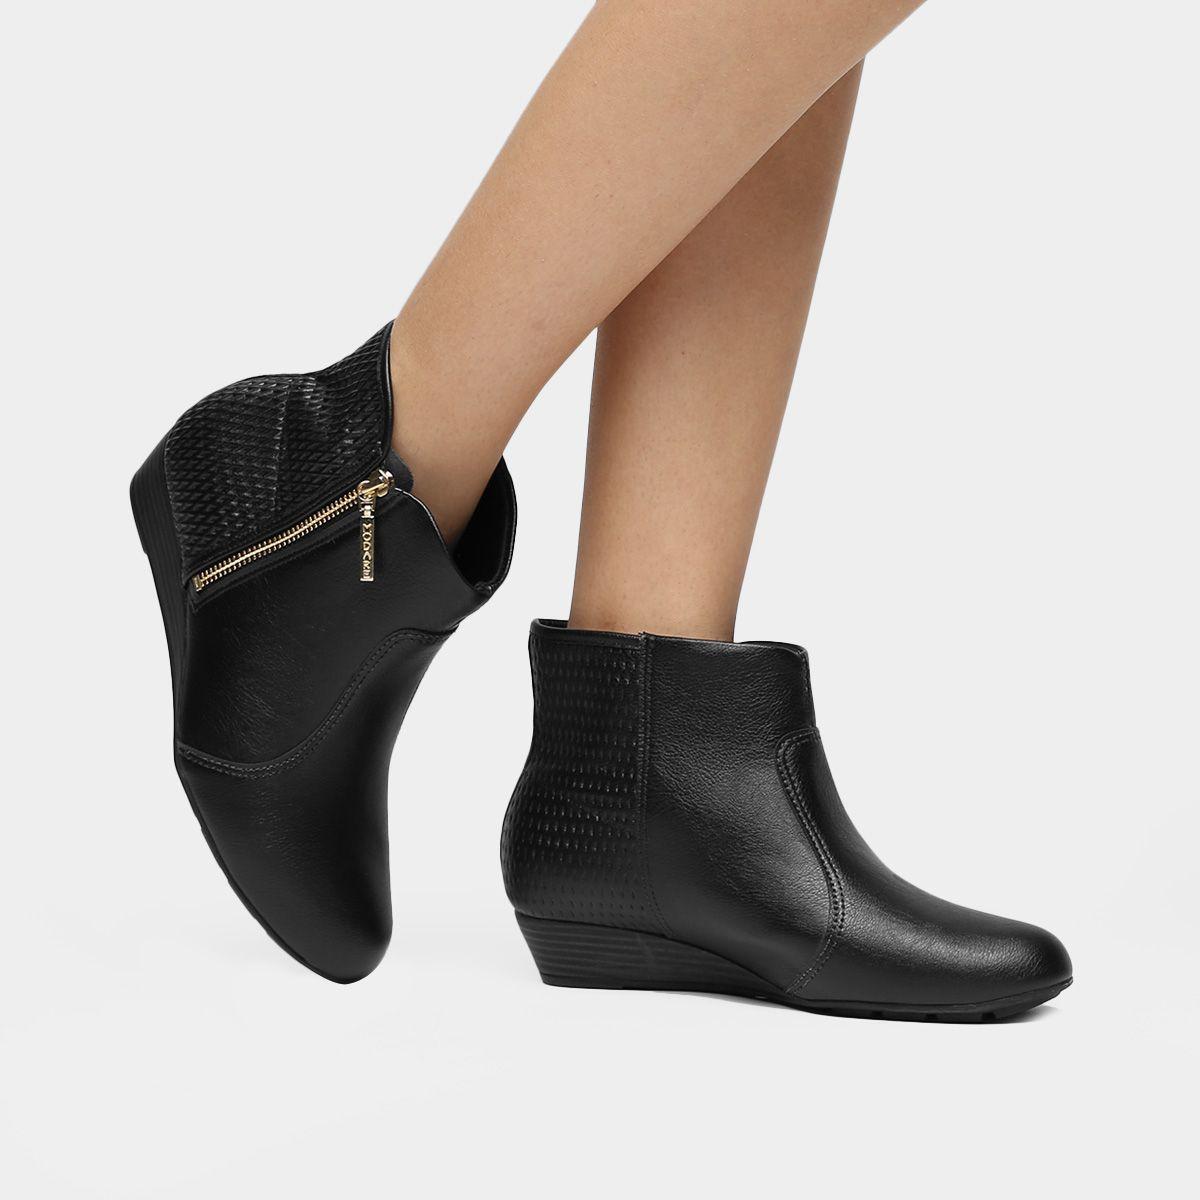 6e2ece2e0 Compre Bota Modare Anabela Café na Zattini a nova loja de moda online da  Netshoes. Encontre Sapatos